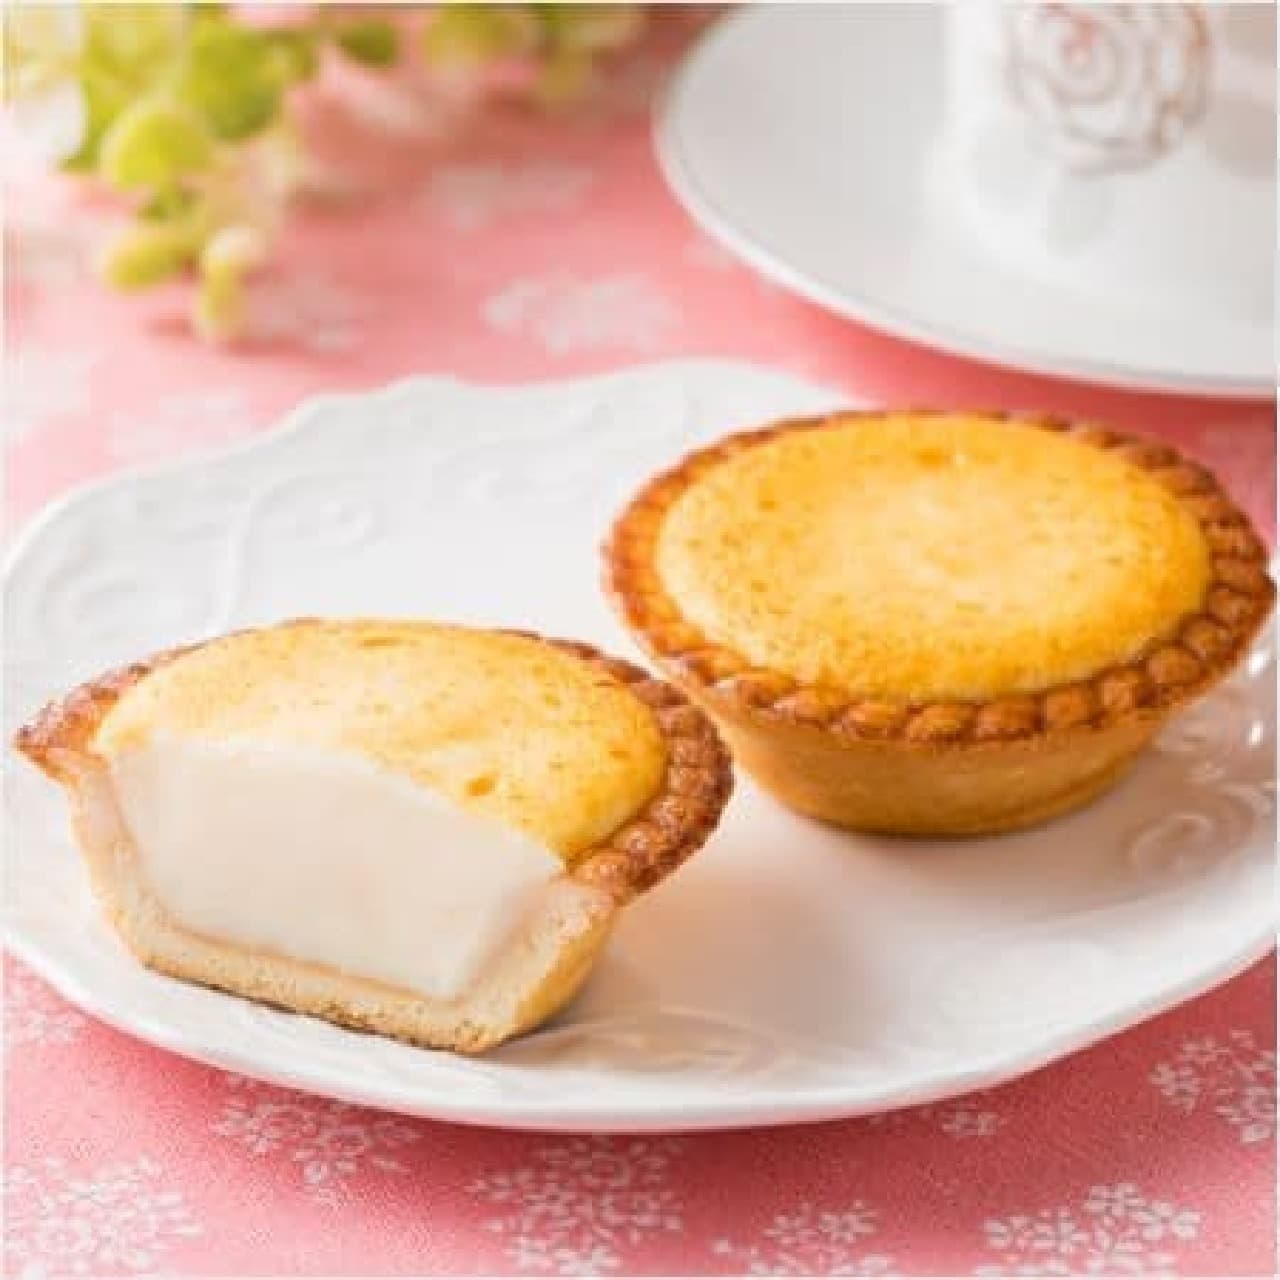 ファミリーマート「焼きチーズタルト~2種のクリームチーズ~」